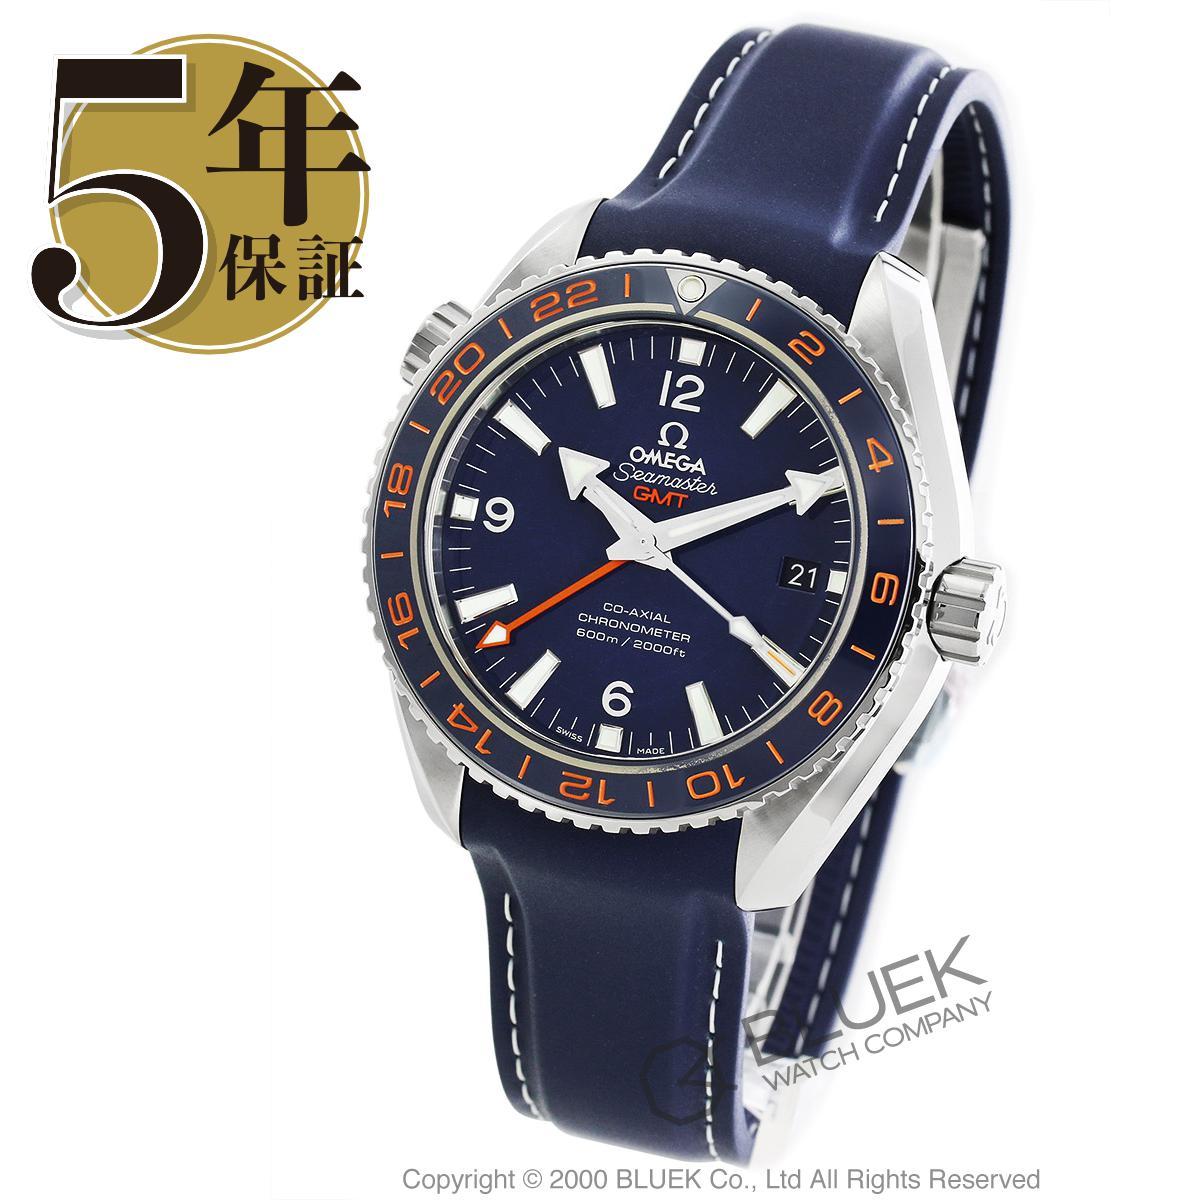 オメガ OMEGA 腕時計 シーマスター プラネットオーシャン グッドプラネット 600m防水 メンズ 232.32.44.22.03.001_8